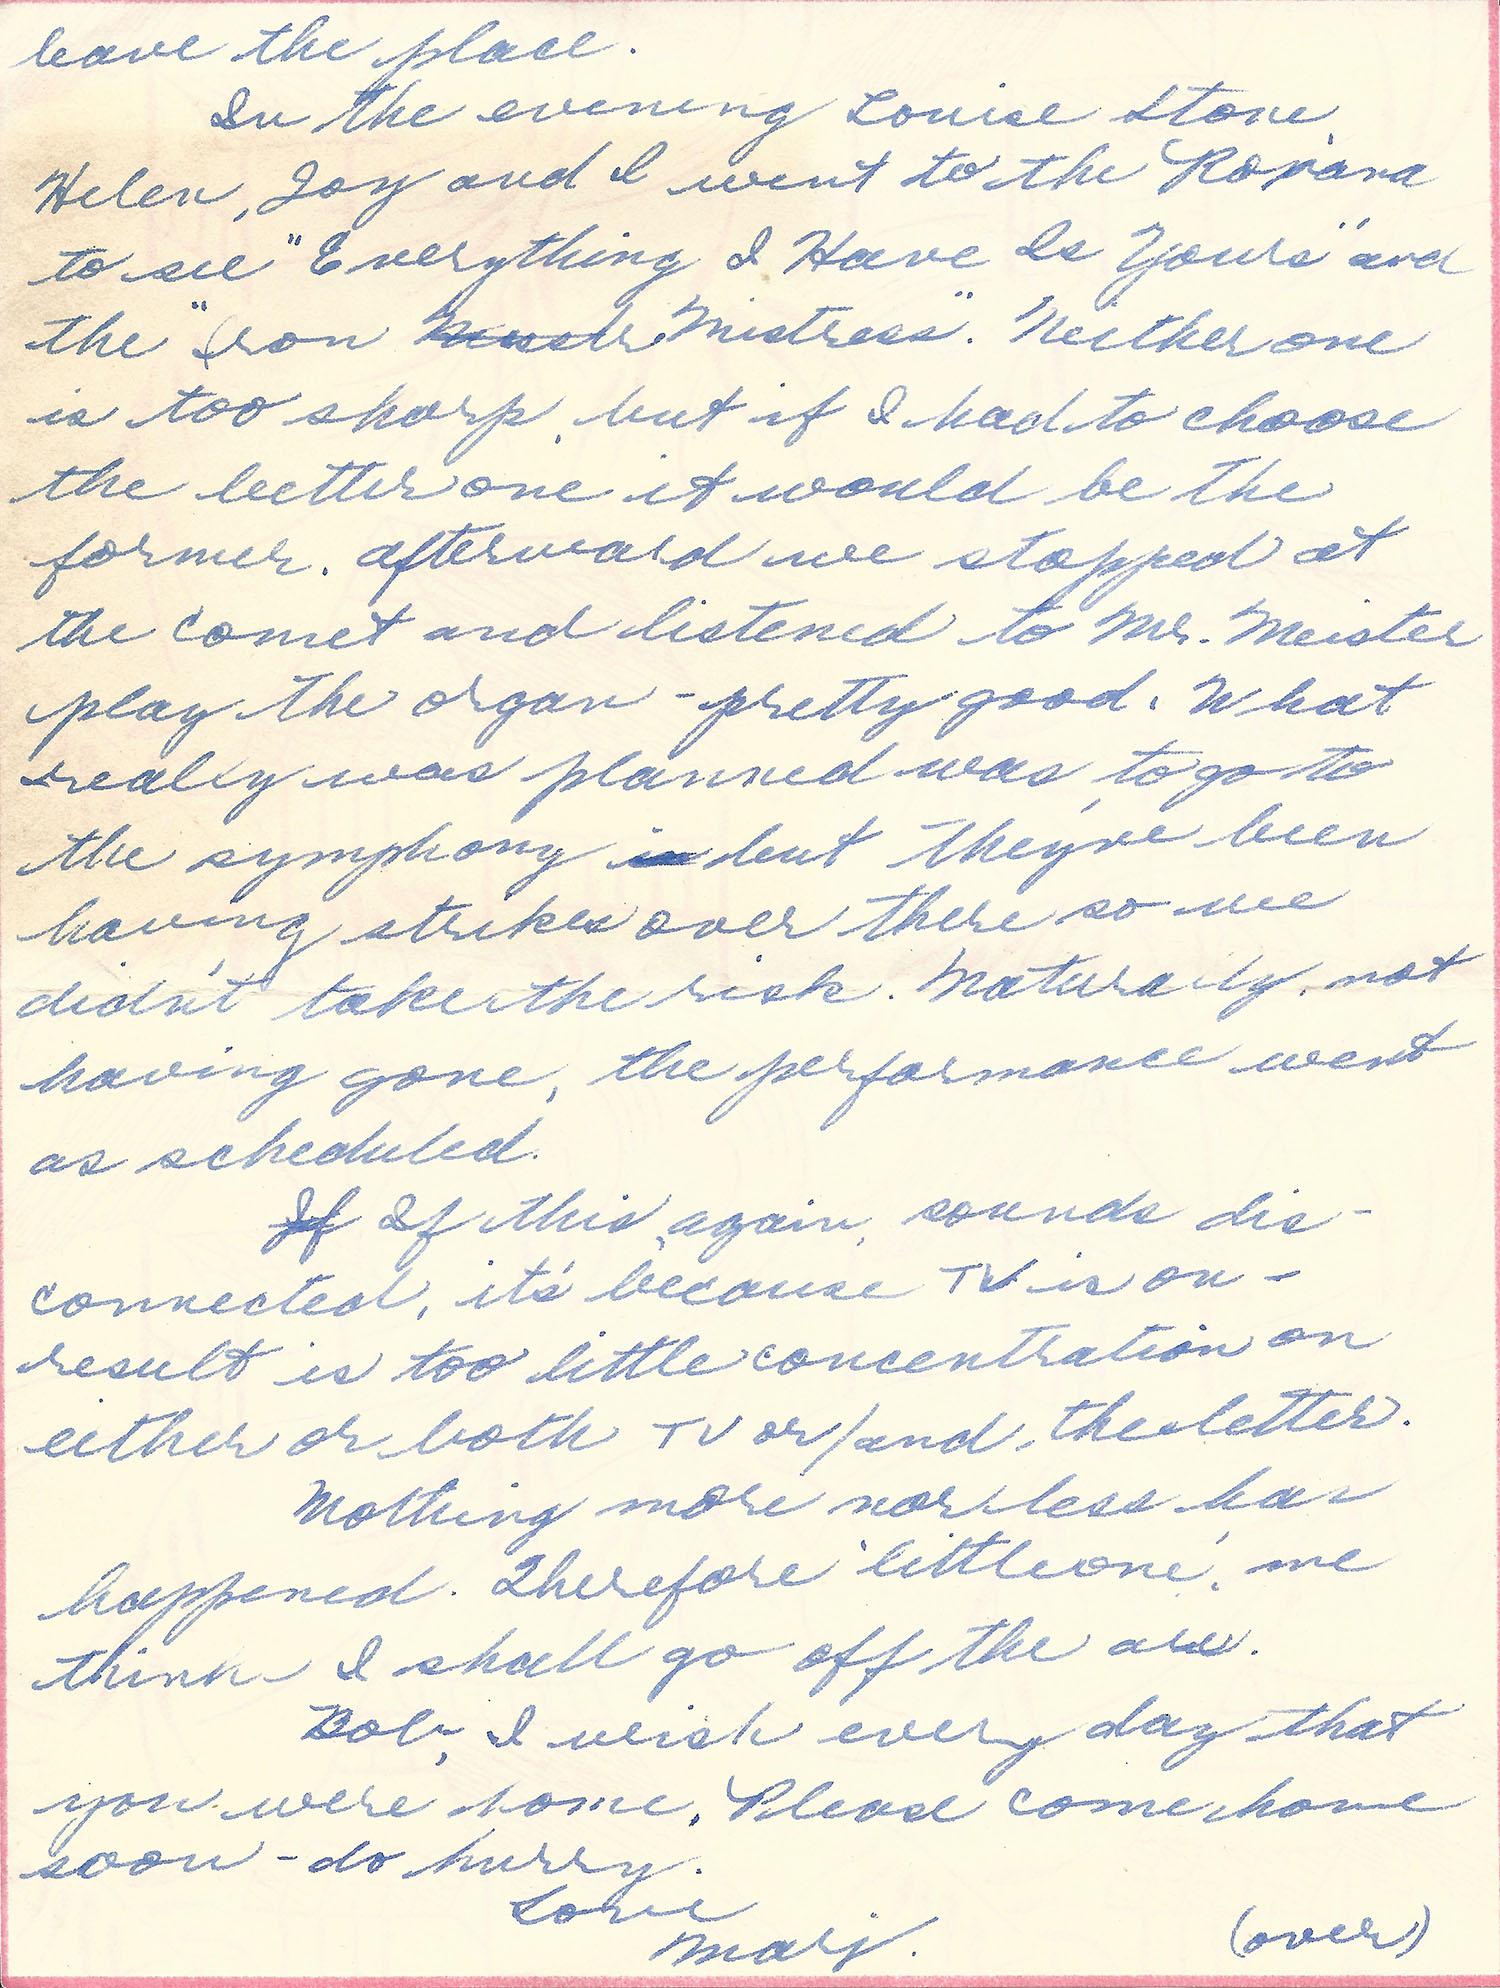 Mar. 1, 1953 (Marj), Page 3